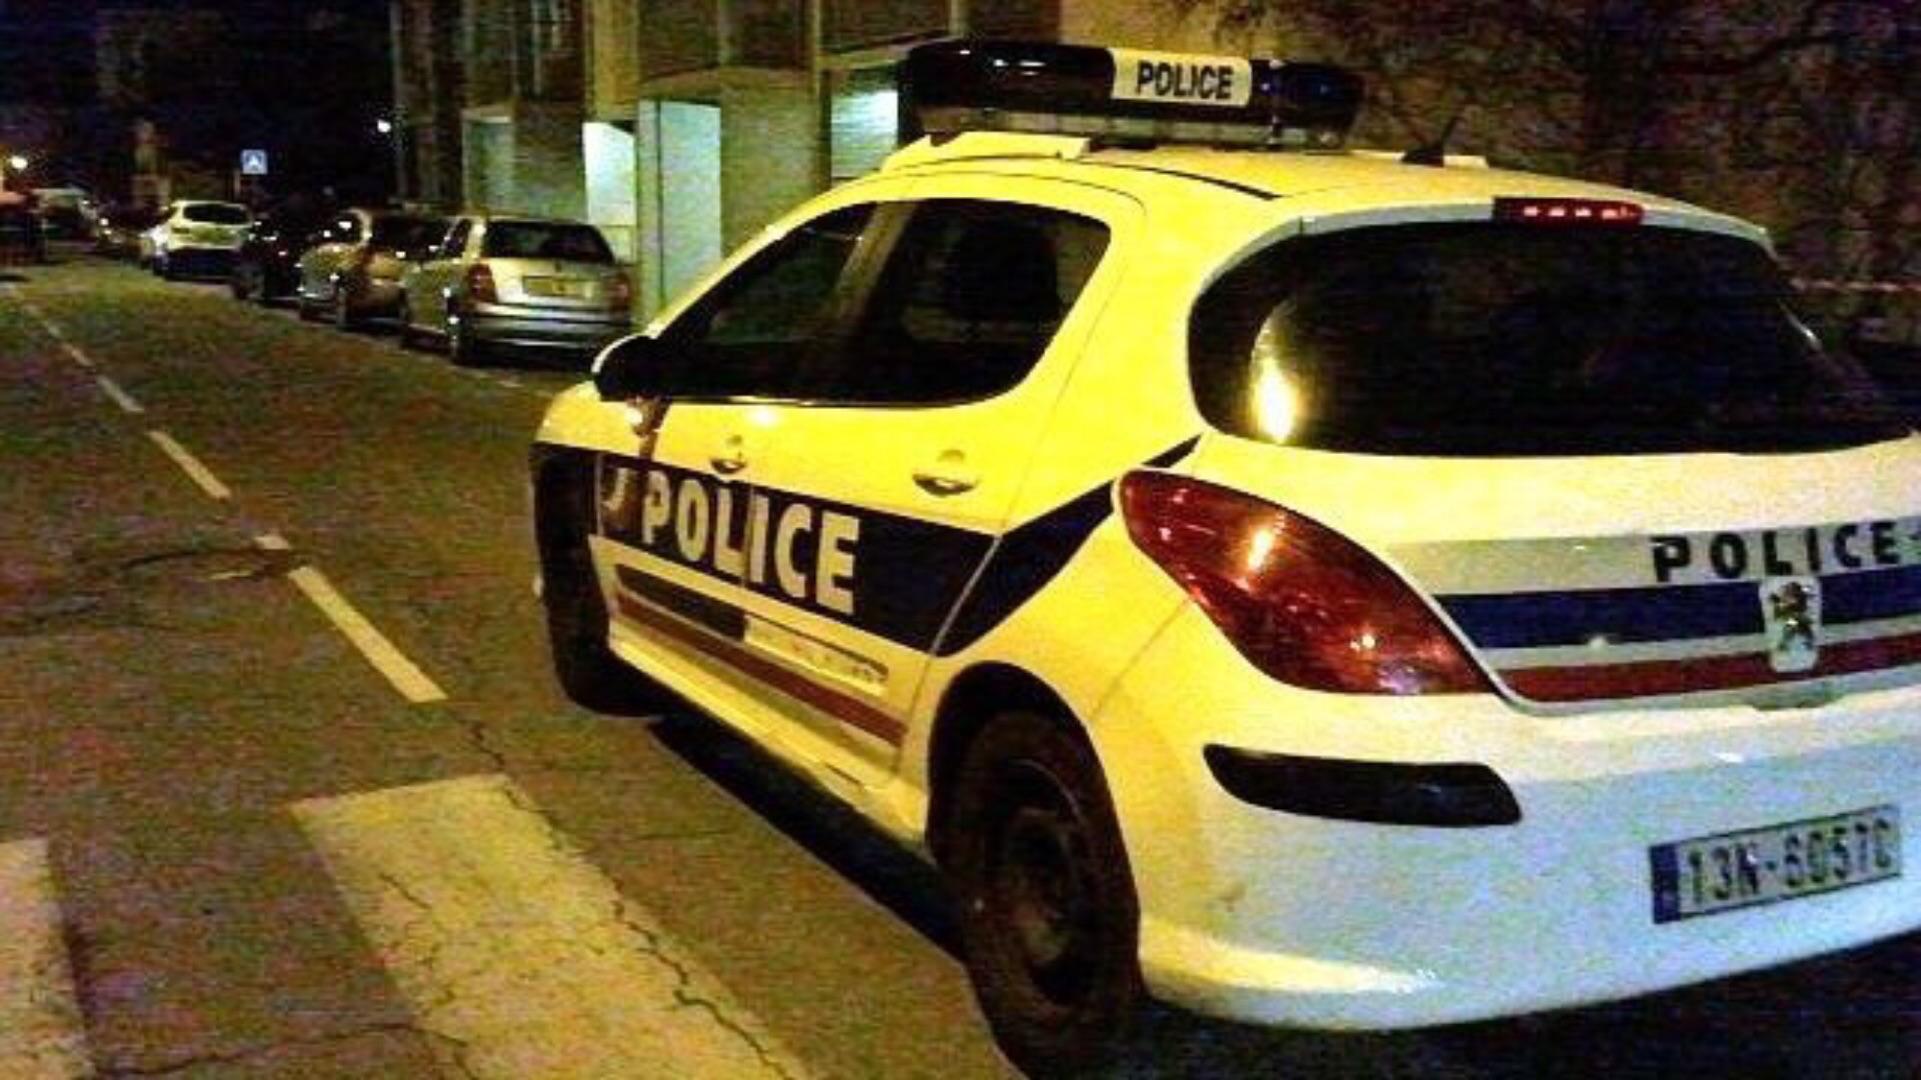 Les policiers avaient mis en place une surveillance autour de la Renault Mégane victime d'une première tentative d'incendie dans la soirée (Illustration)